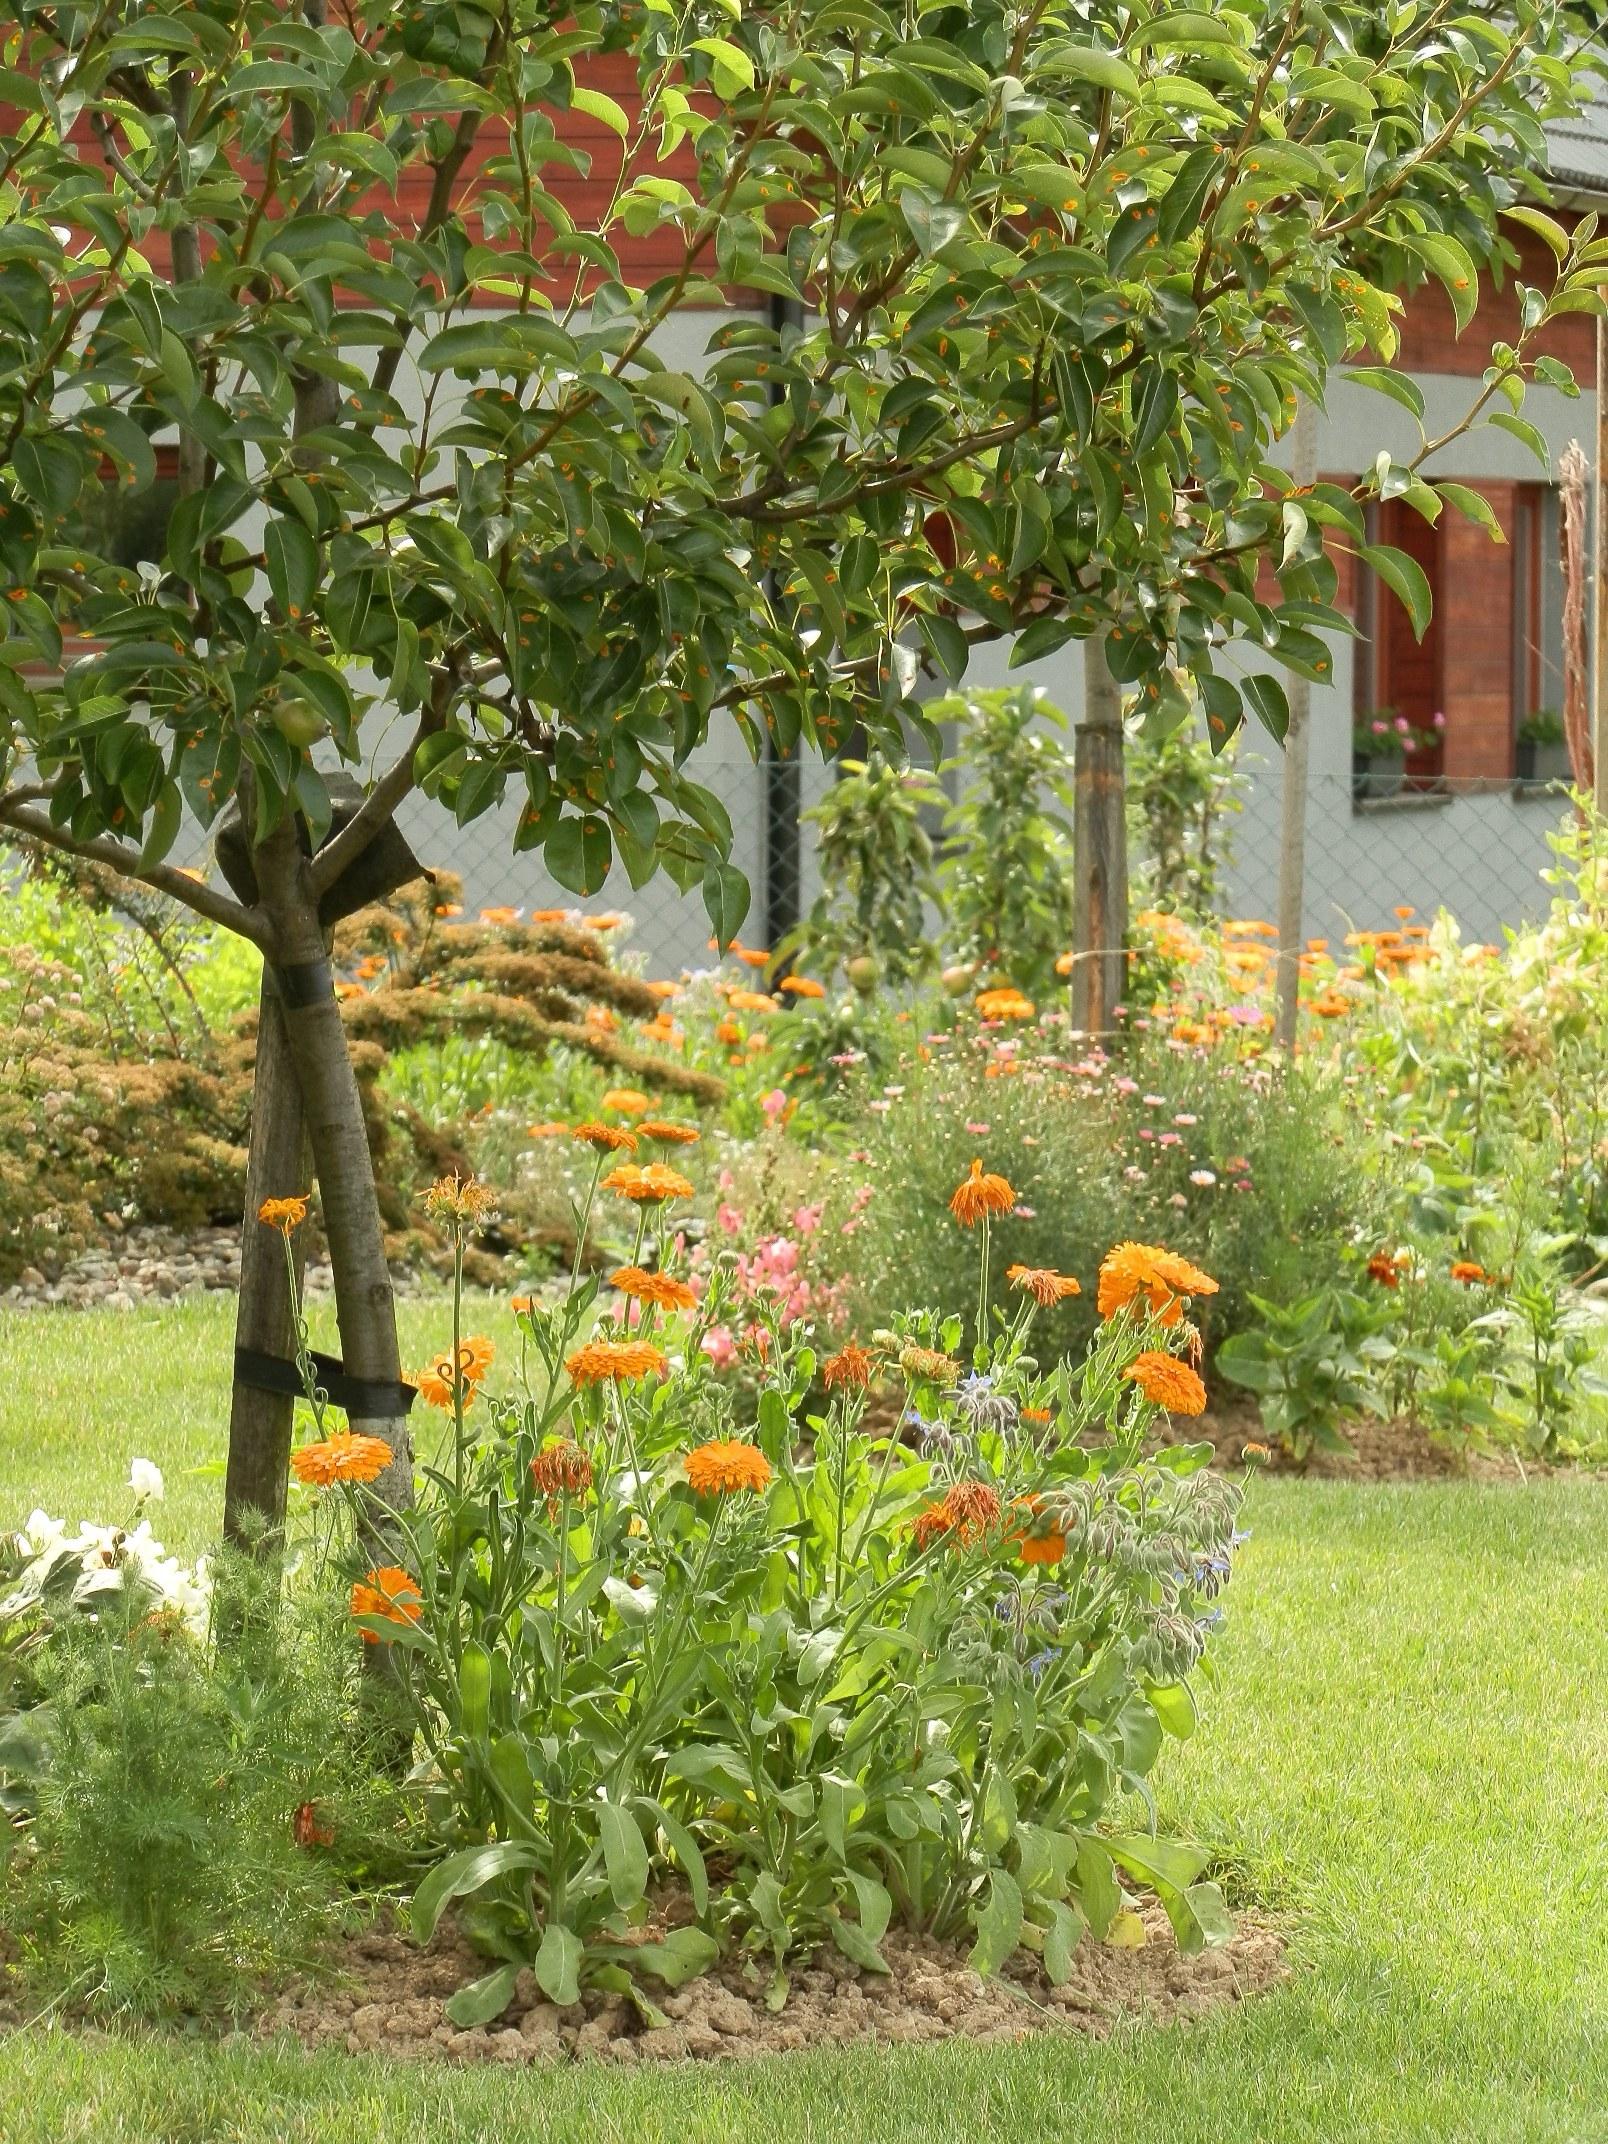 Letničková výsadba v polovině července. Pokud máte problém s výběrem místa pro letničkový záhon, zkuste to třeba v odtravněných kruzích pod ovocnými stromy. Tato místa (tzv. závlahové mísy) by měla být udržována bez travního porostu, který je především u mladých stromků velkým konkurentem ubírajícím živiny a vláhu. Letničky jsou vhodnějším a navíc i velmi estetickým řešením.